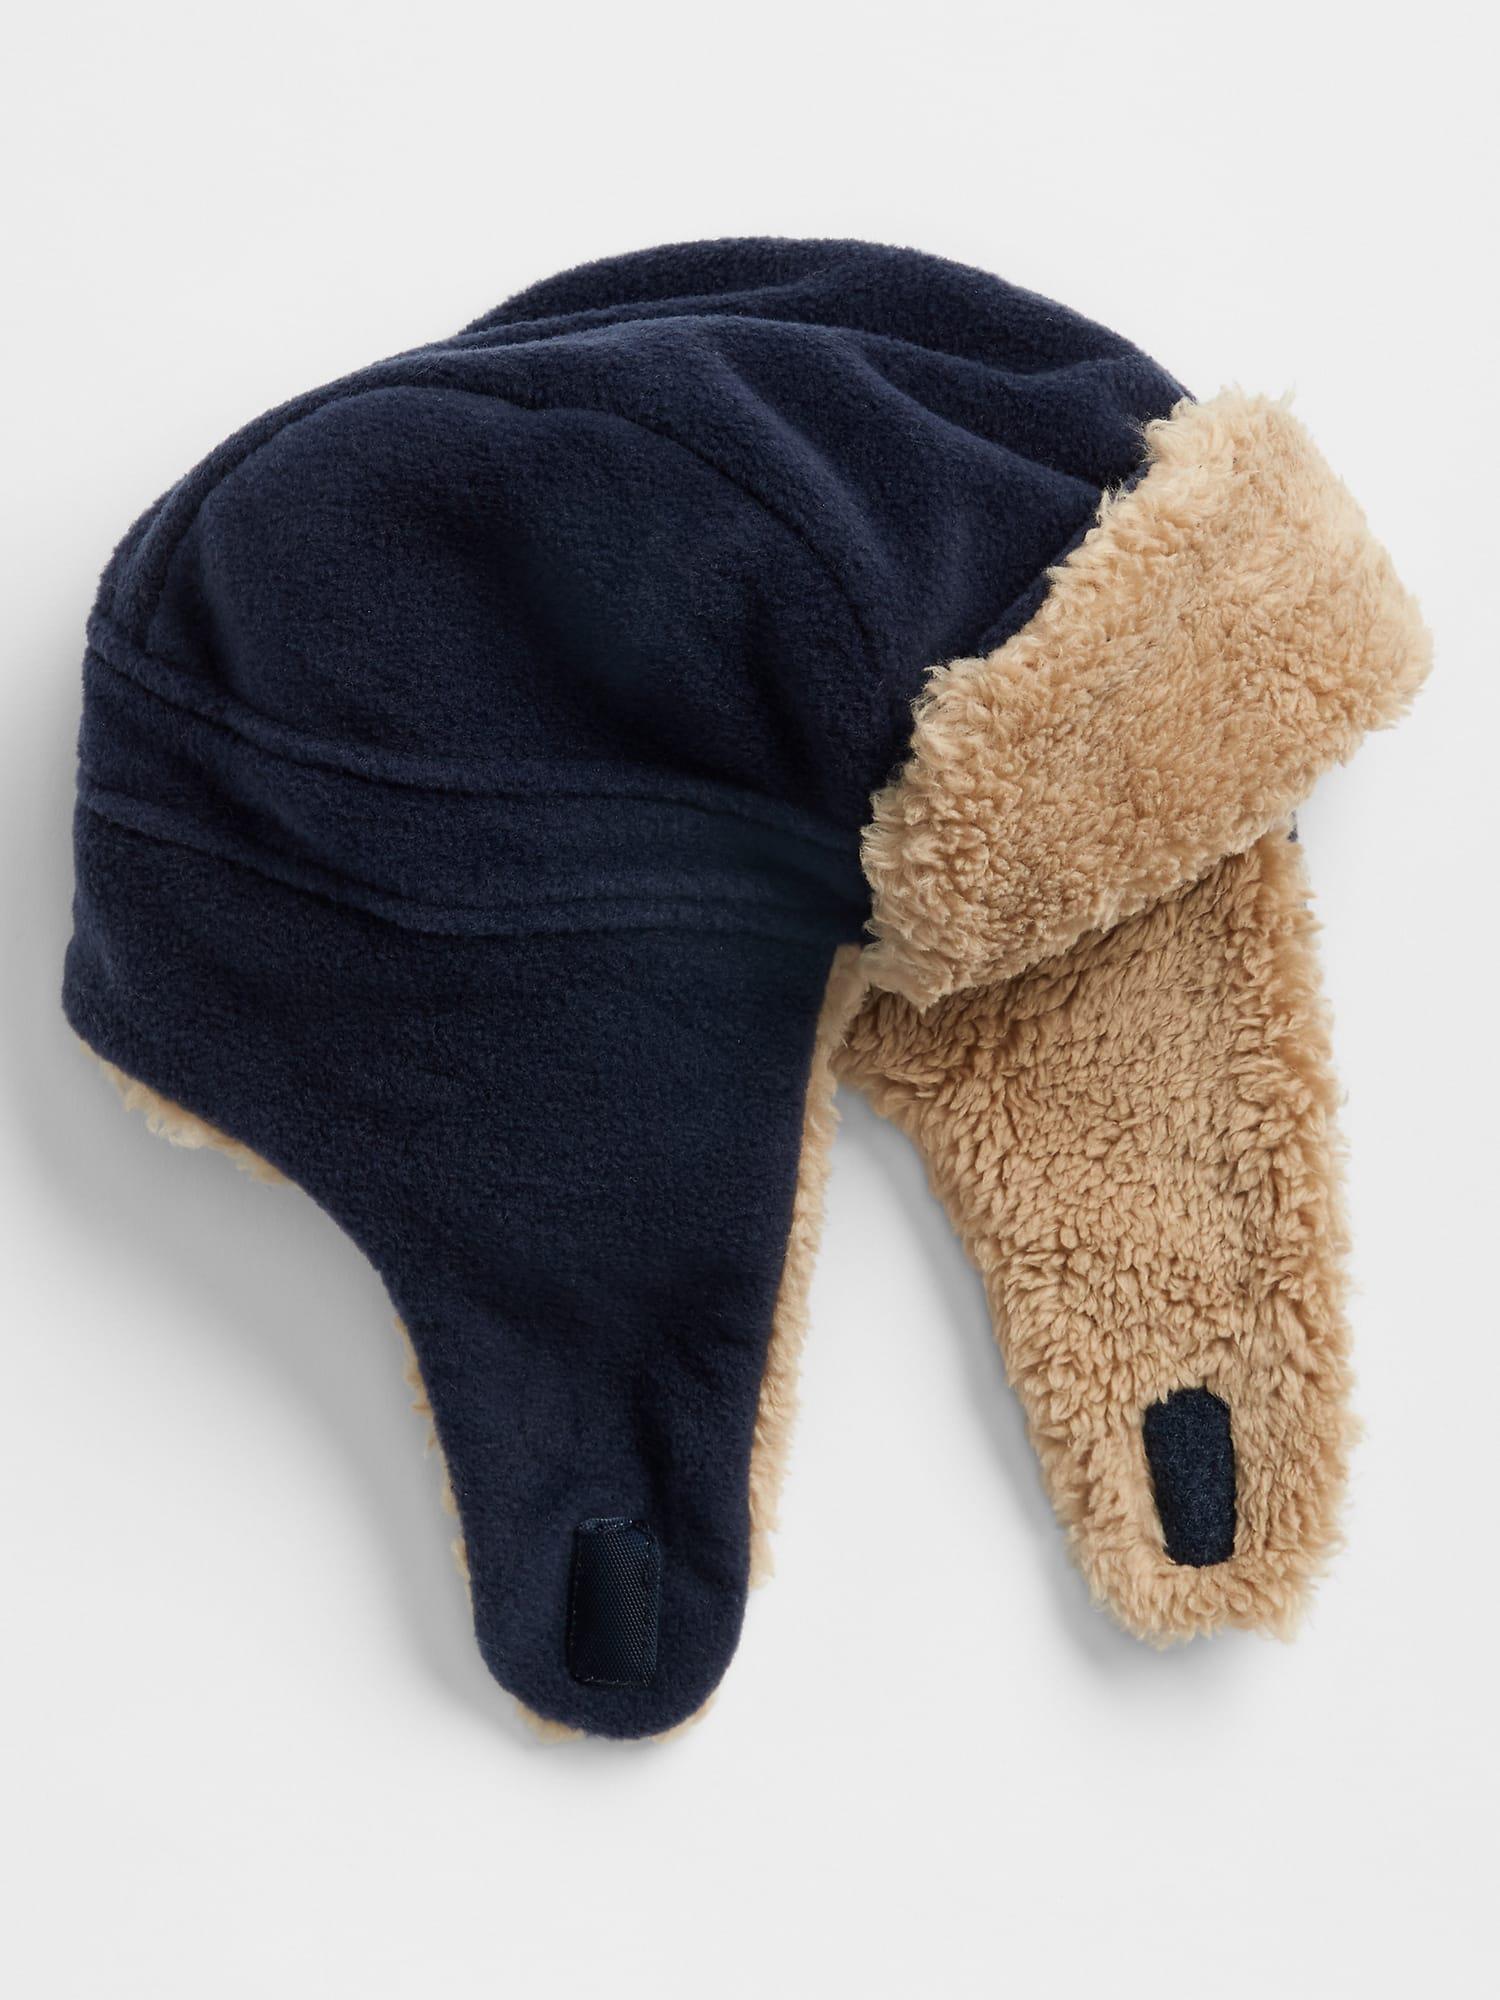 Lyst - Gap Factory Pro Fleece Cozy Trapper Hat in Blue for Men 9f3a0fe6fe63